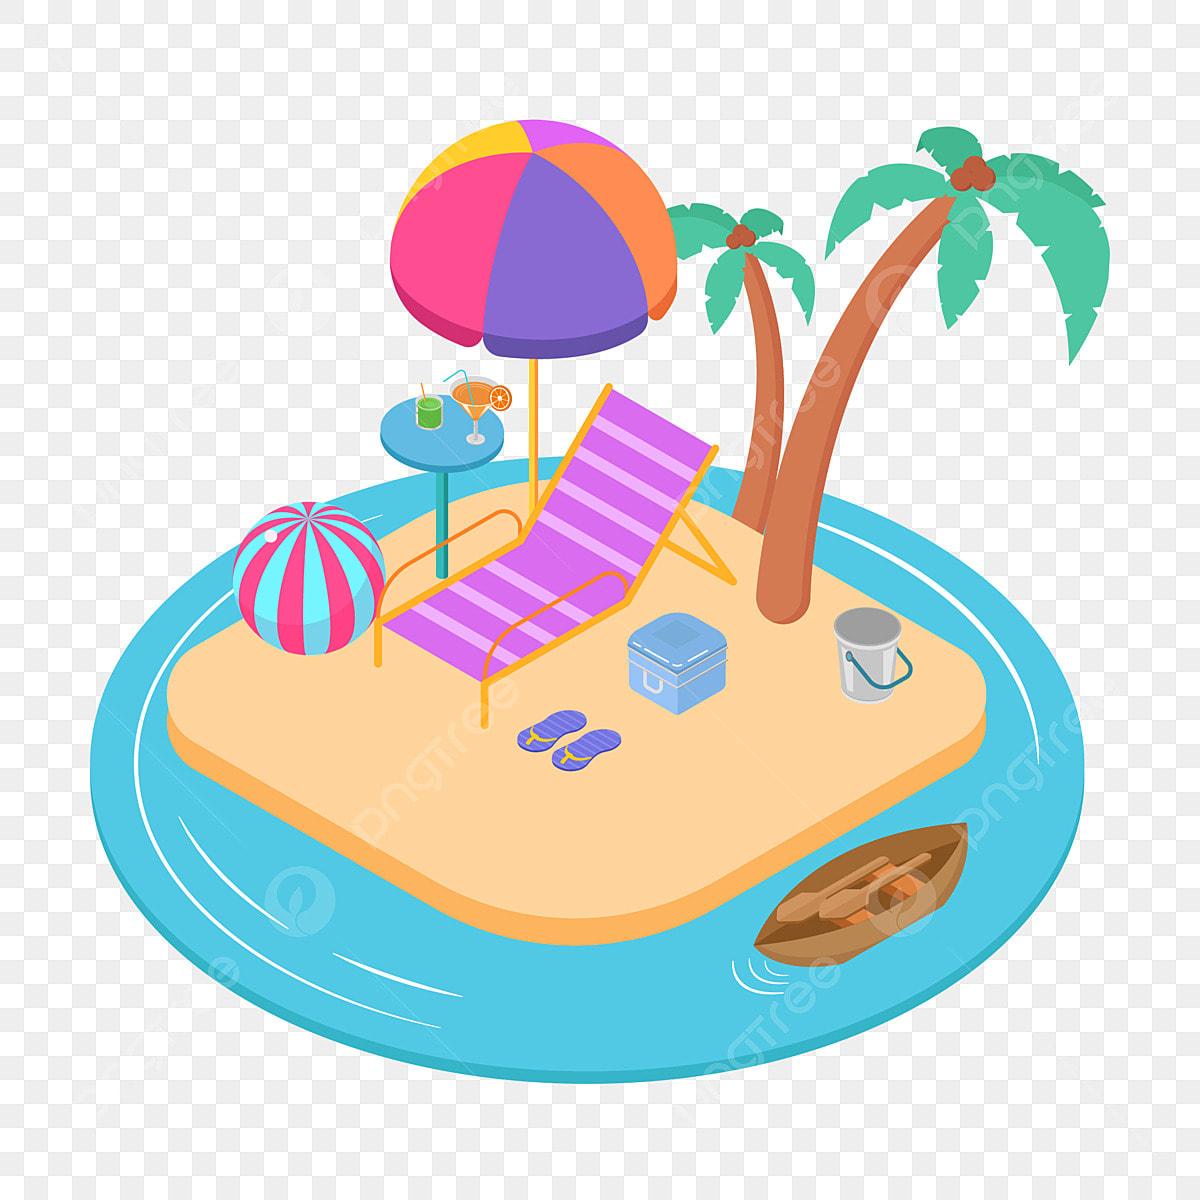 Gambar Seaside Pantai Di Tepi Laut Pantai Kartun Kartun Pantai Panas Png Dan Vektor Untuk Muat Turun Percuma